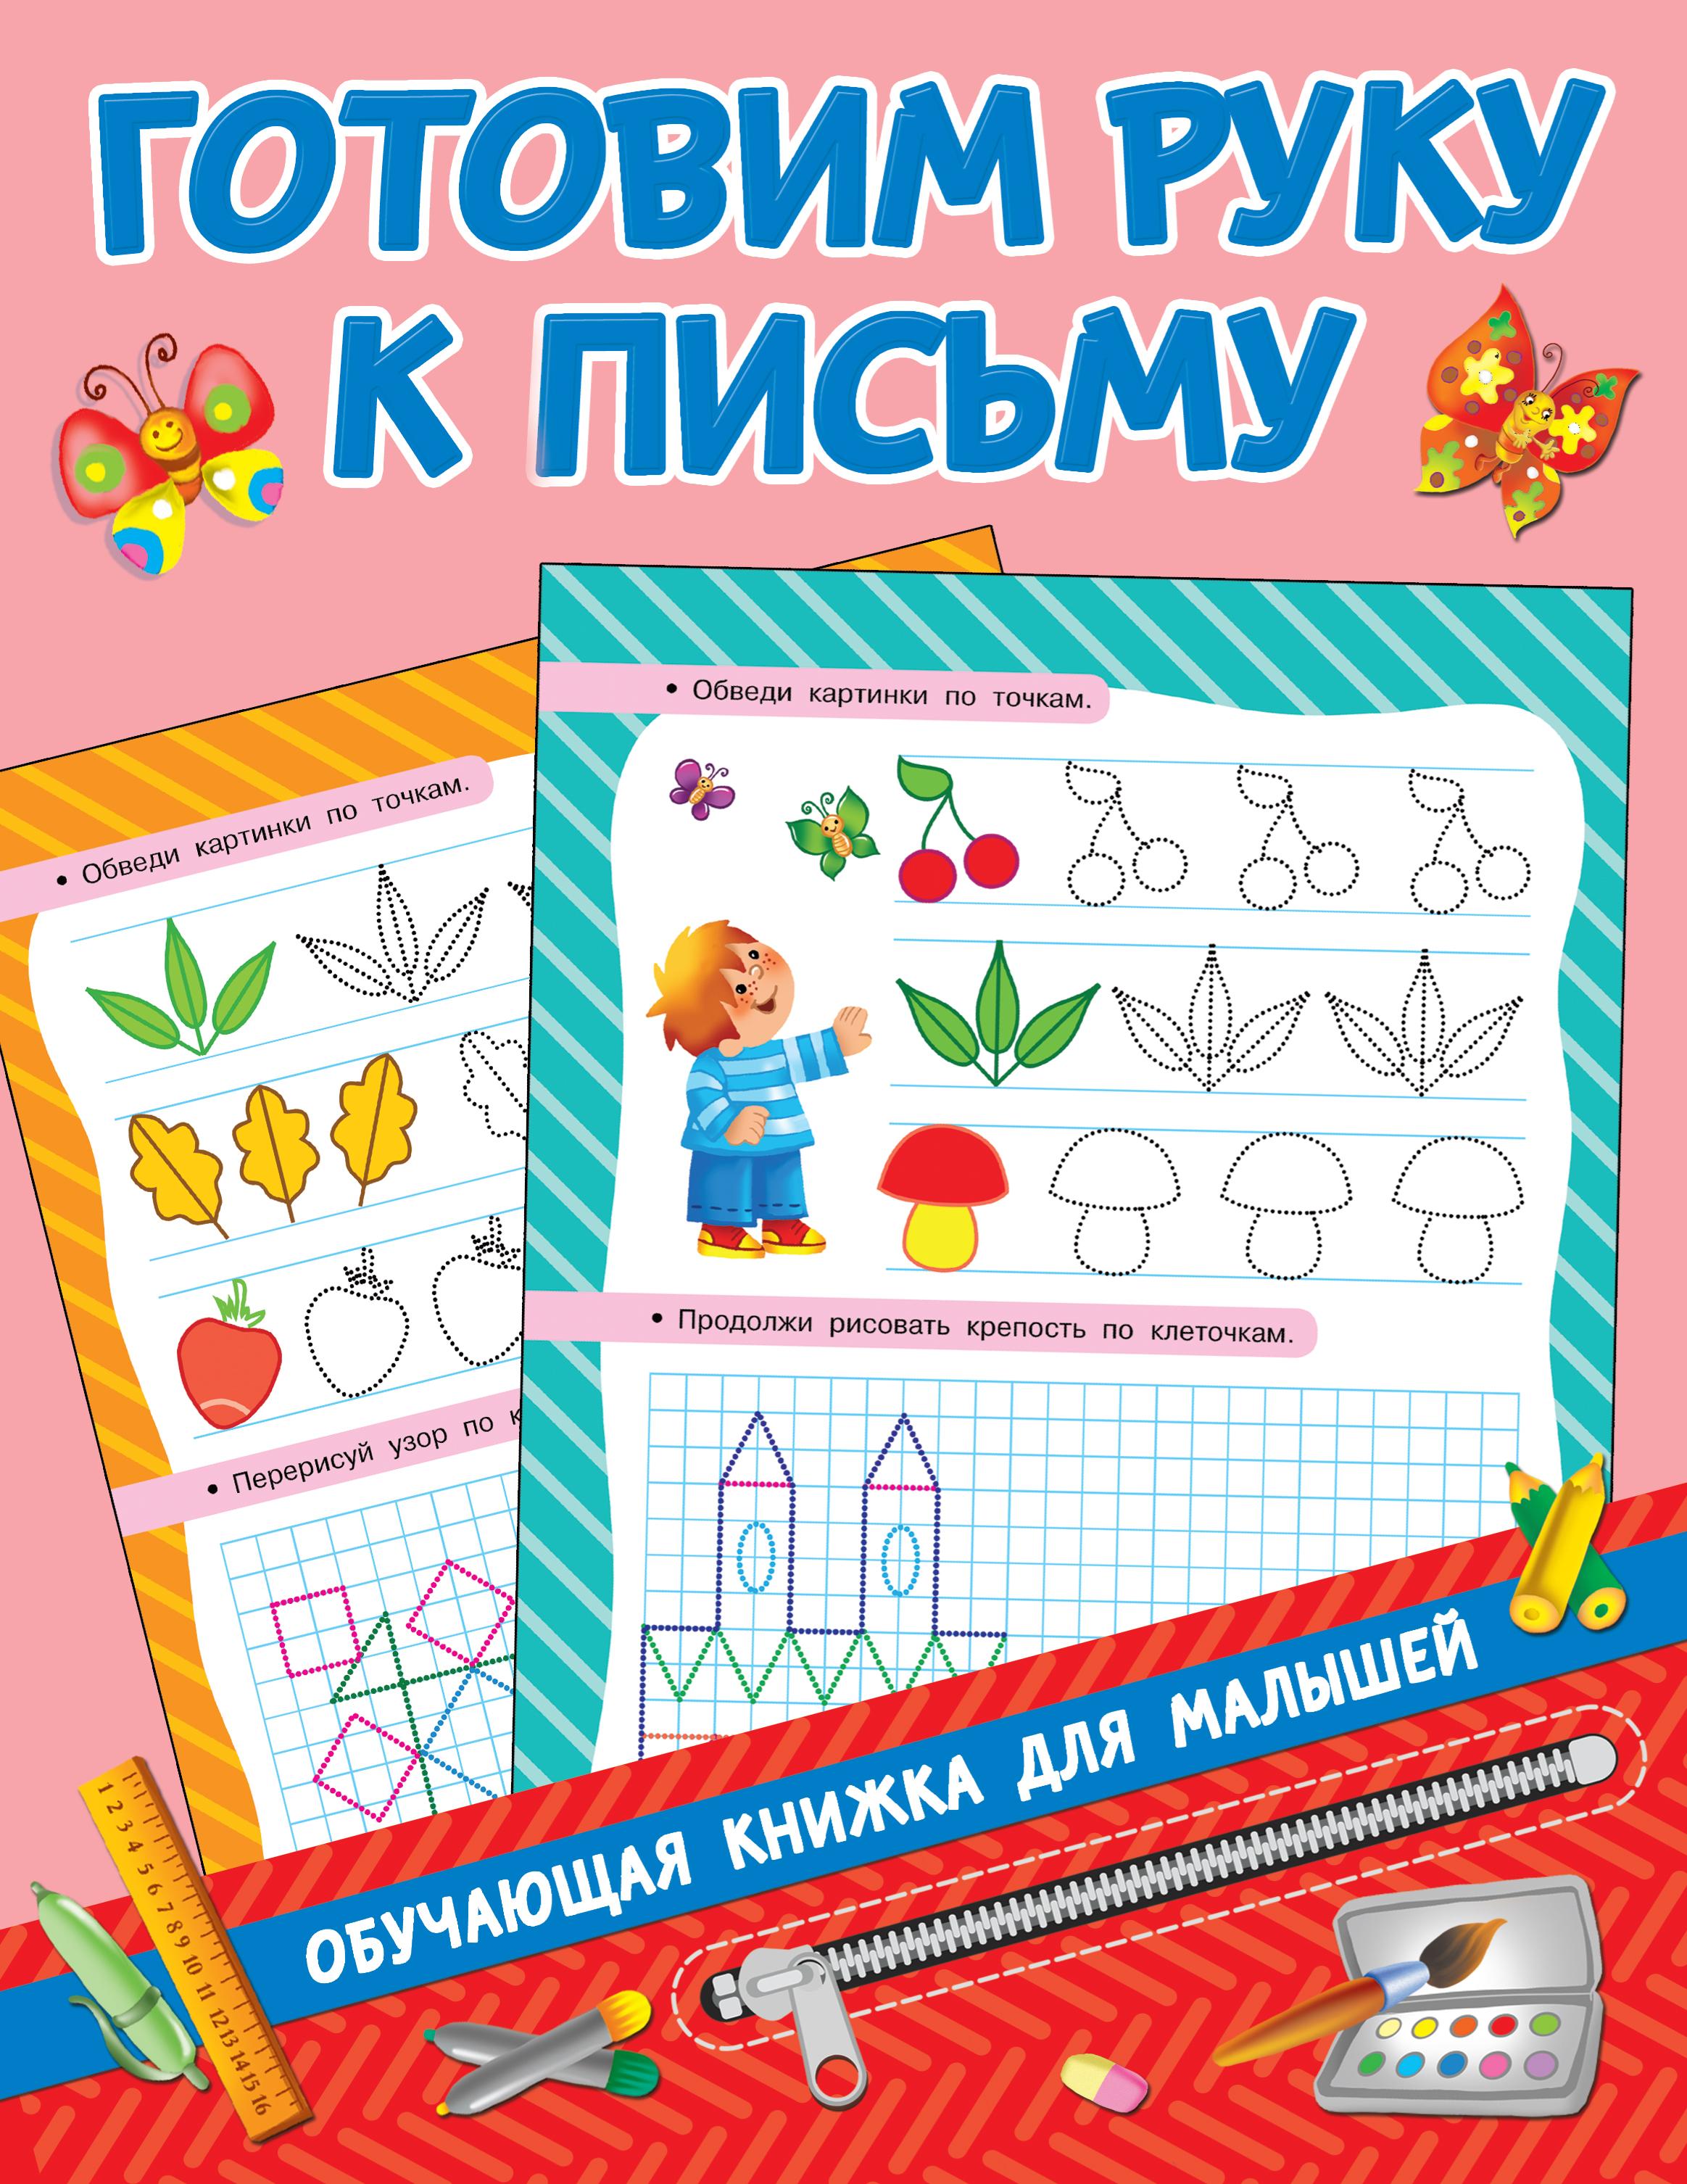 Дмитриева В.Г. Готовим руку к письму цена 2017